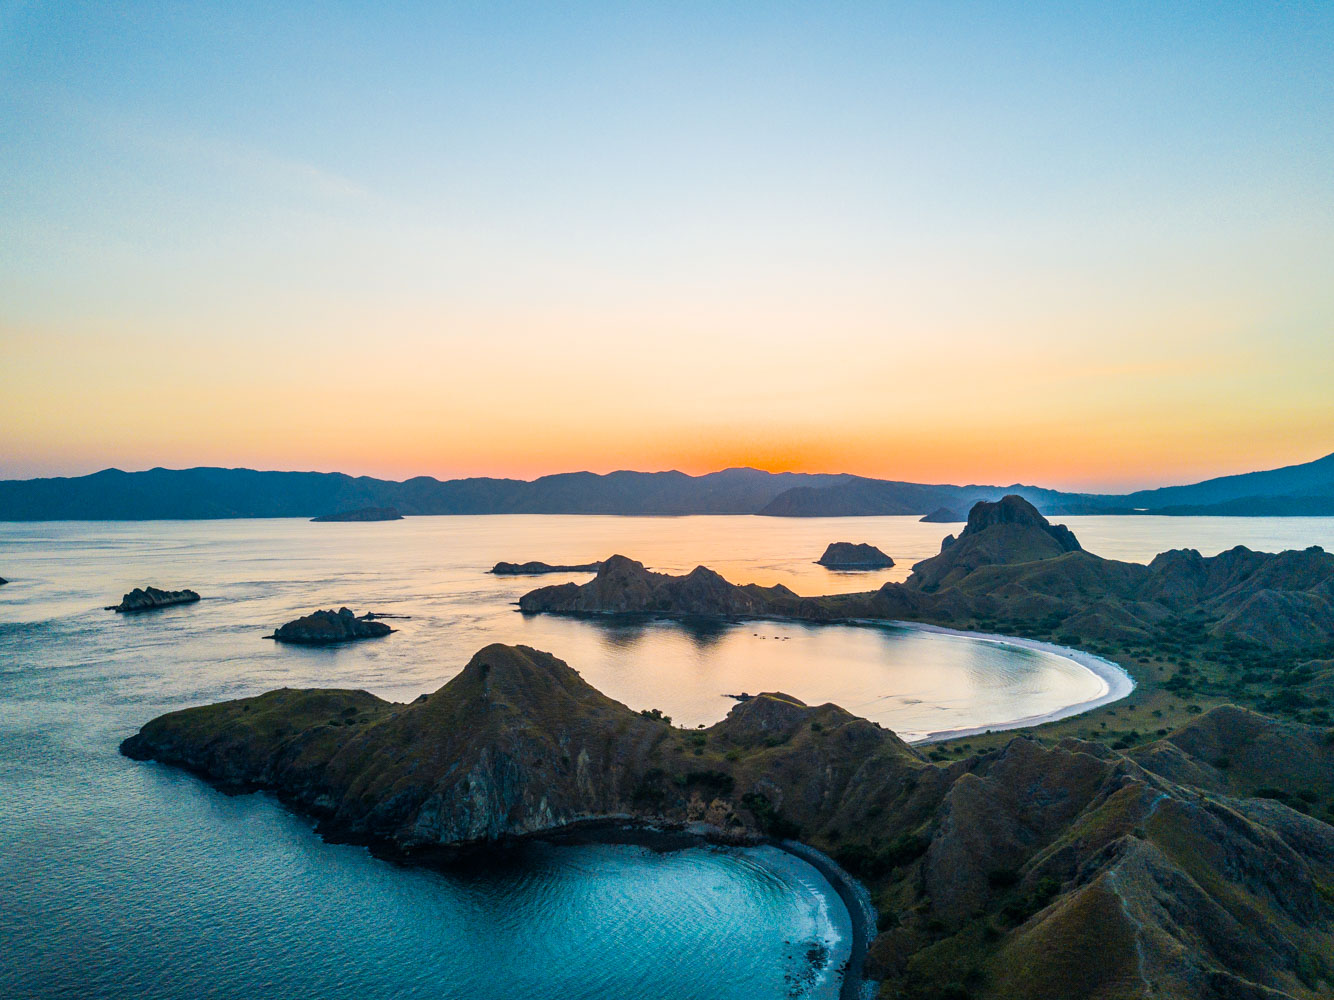 kelana_boat_komodo_sunset_padar.JPG